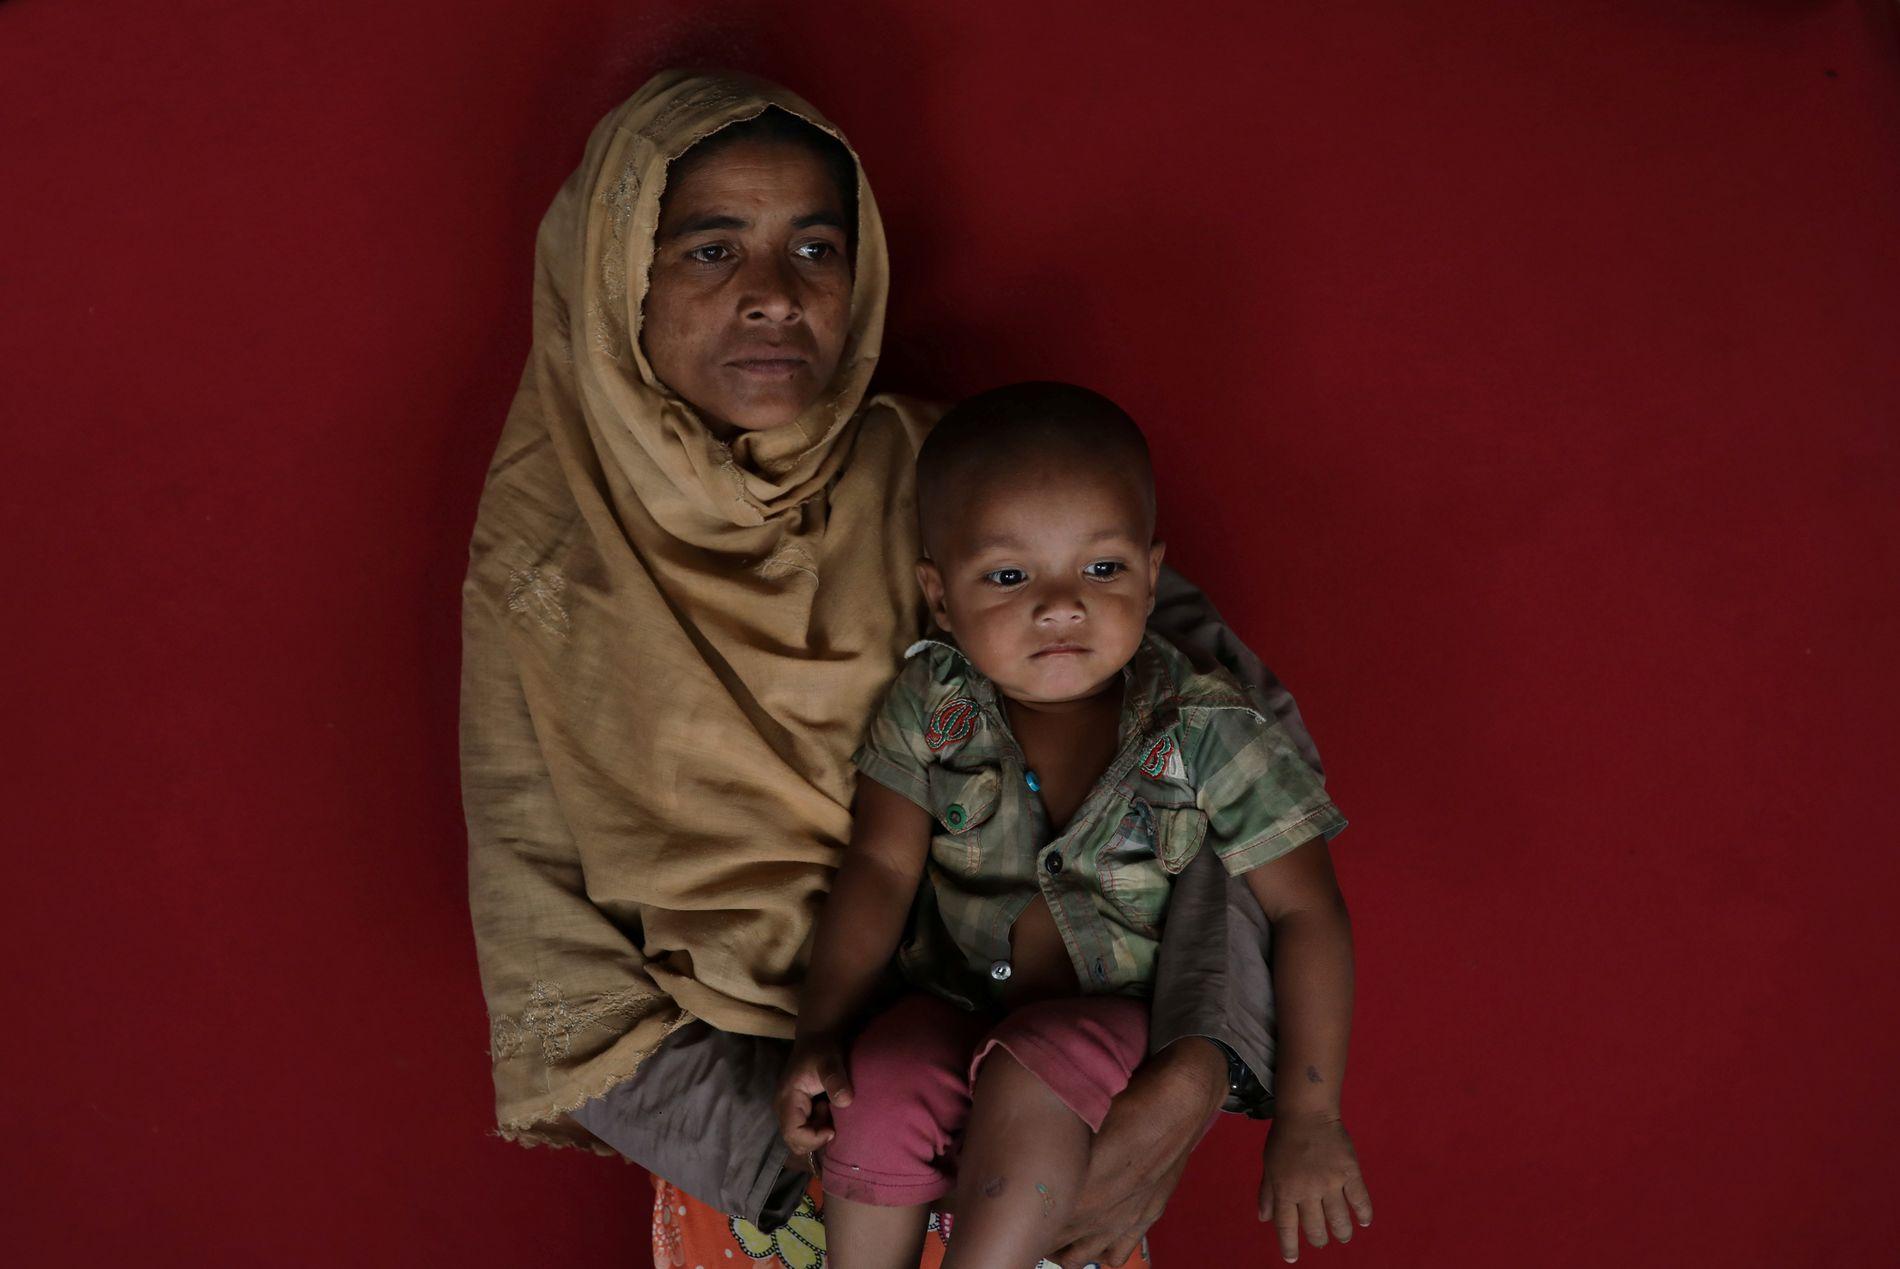 MISTET FAR TIL ÅTTE: Amina Khatun (40) så ektemannen blir ført vekk av soldater. Han var livredd. Hun måtte flykte til Bangladesh med åtte barn.